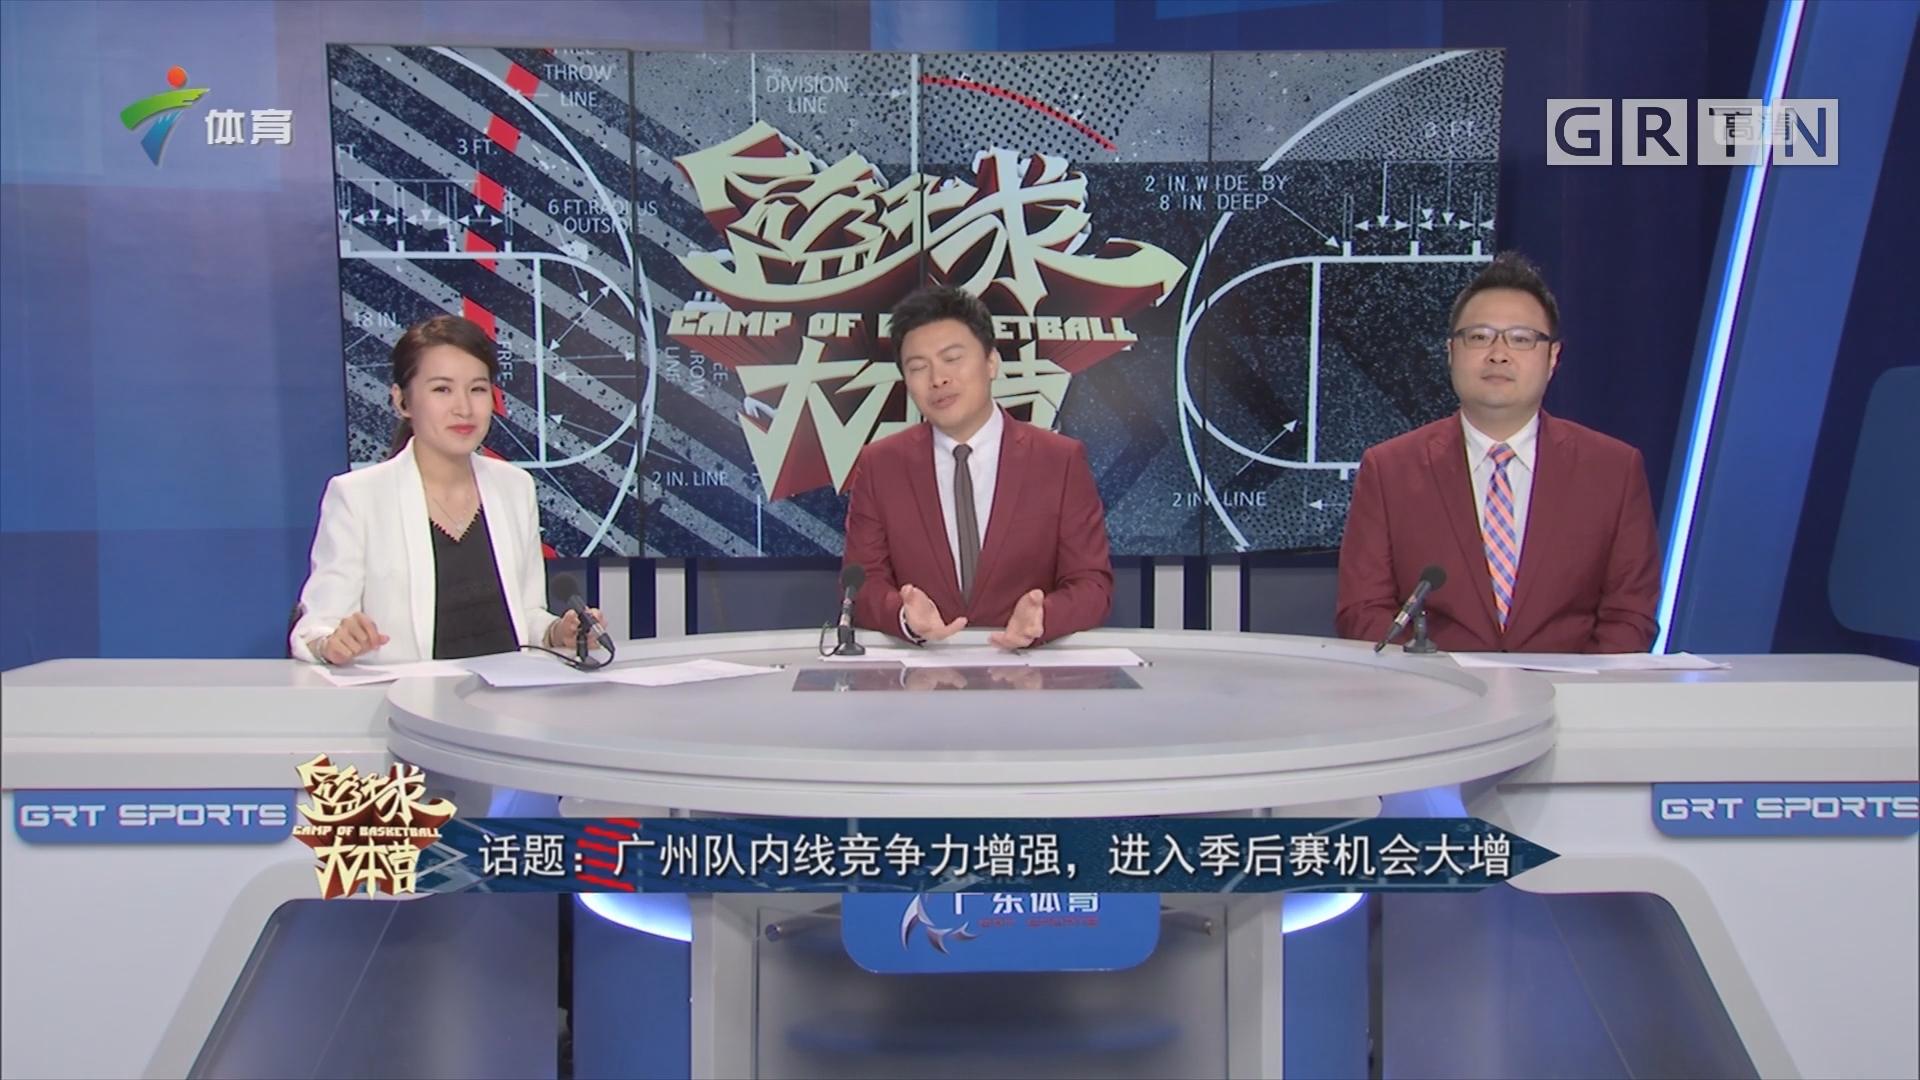 话题:广州队内线竞争力增强,进入季后赛机会大增